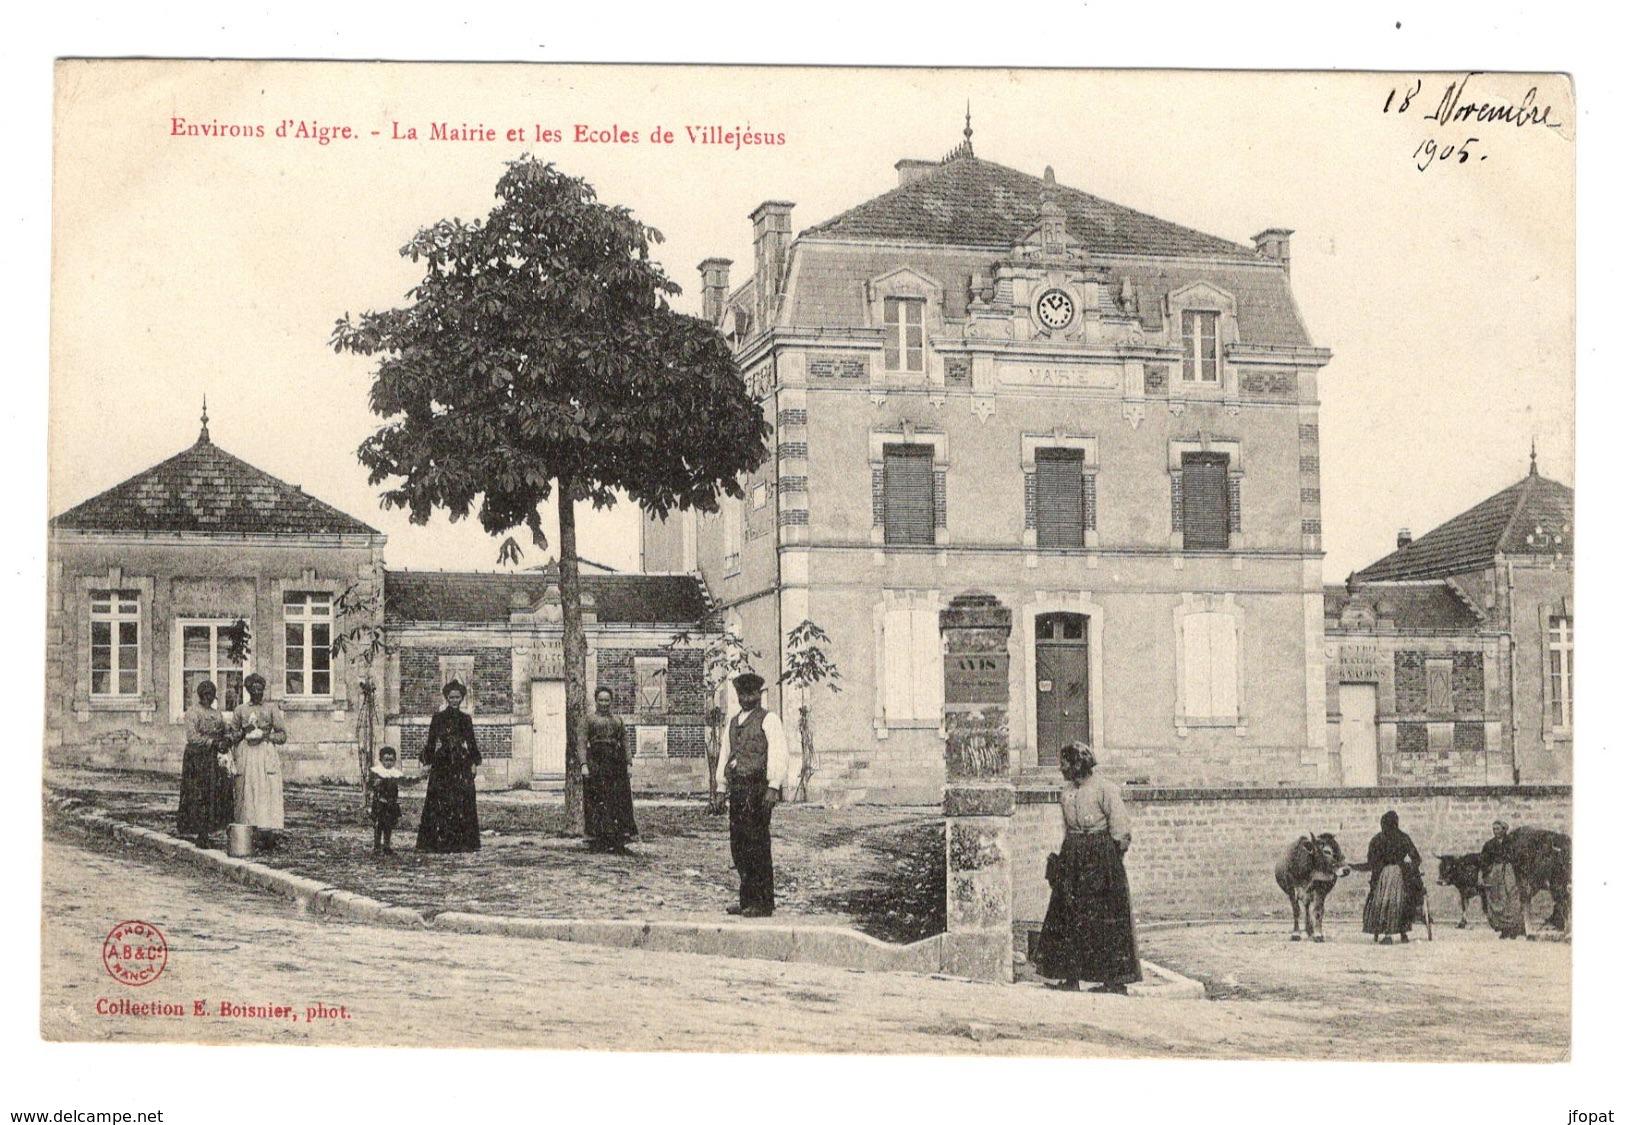 Mairie école Villejesus Charente près Angoulème 1905.jpg